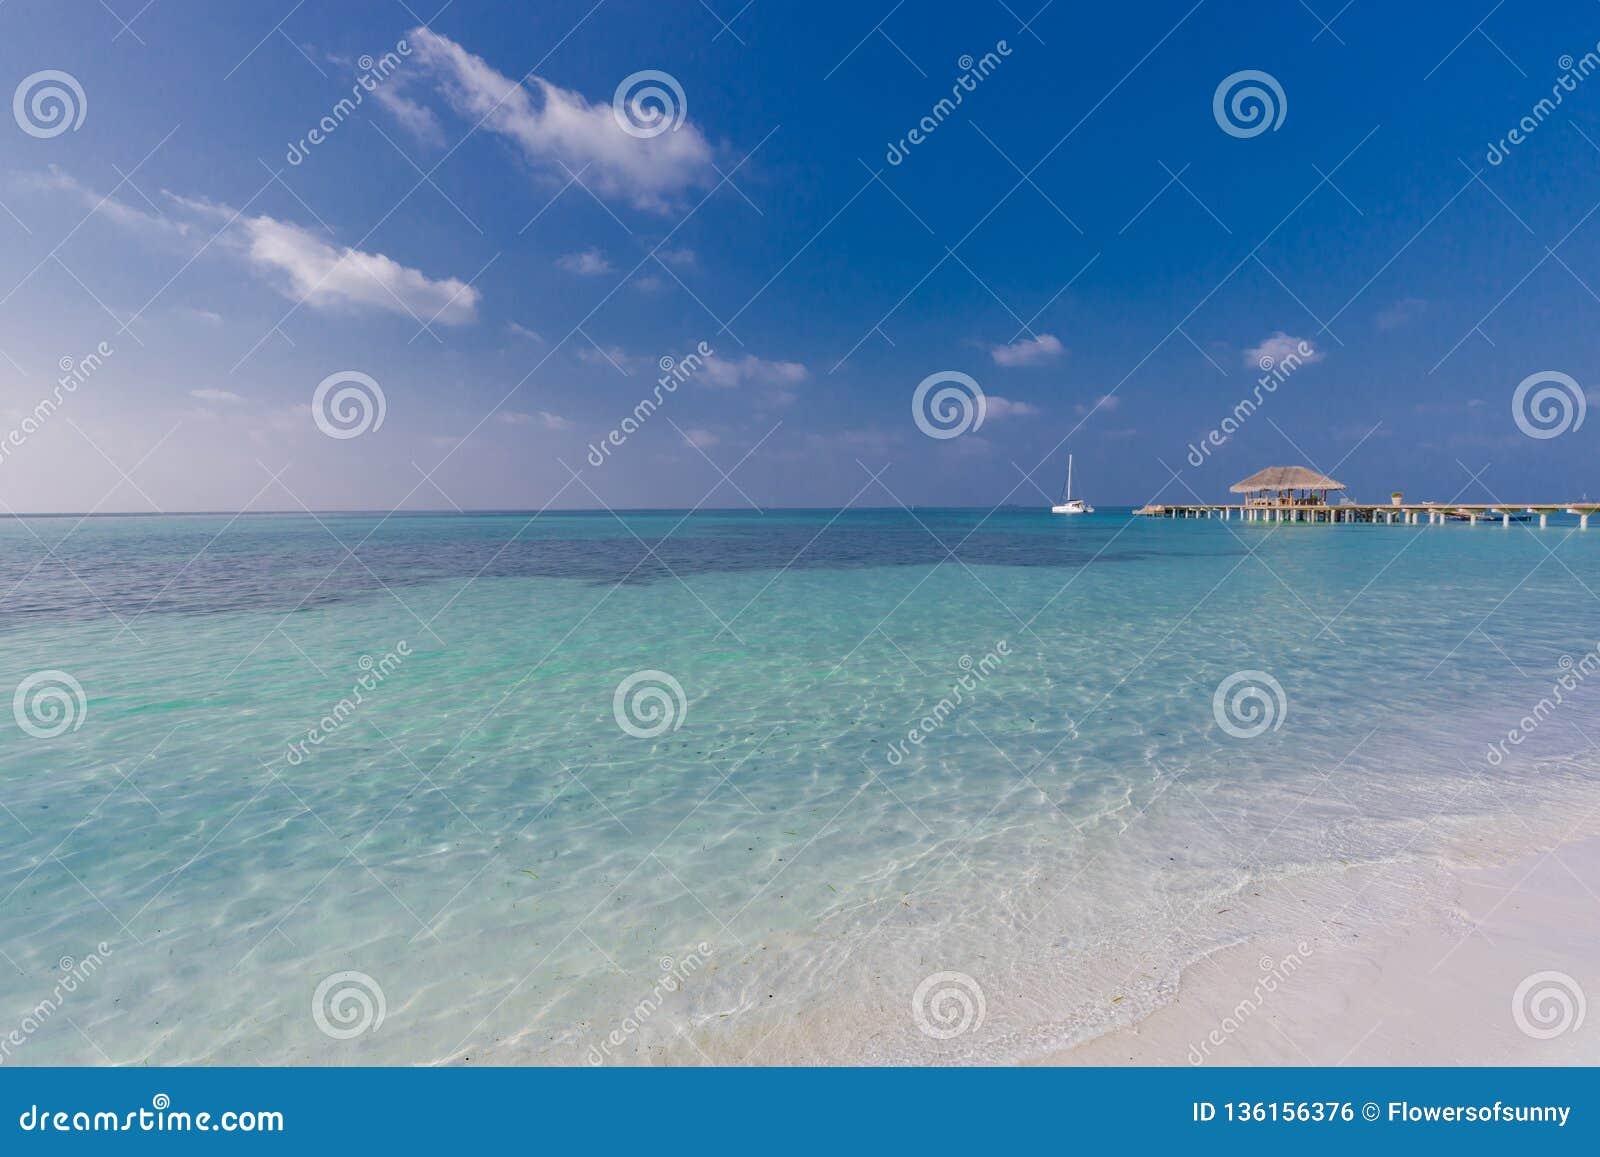 Beautiful Beach Landscape In Maldives Island Calm Blue Sea